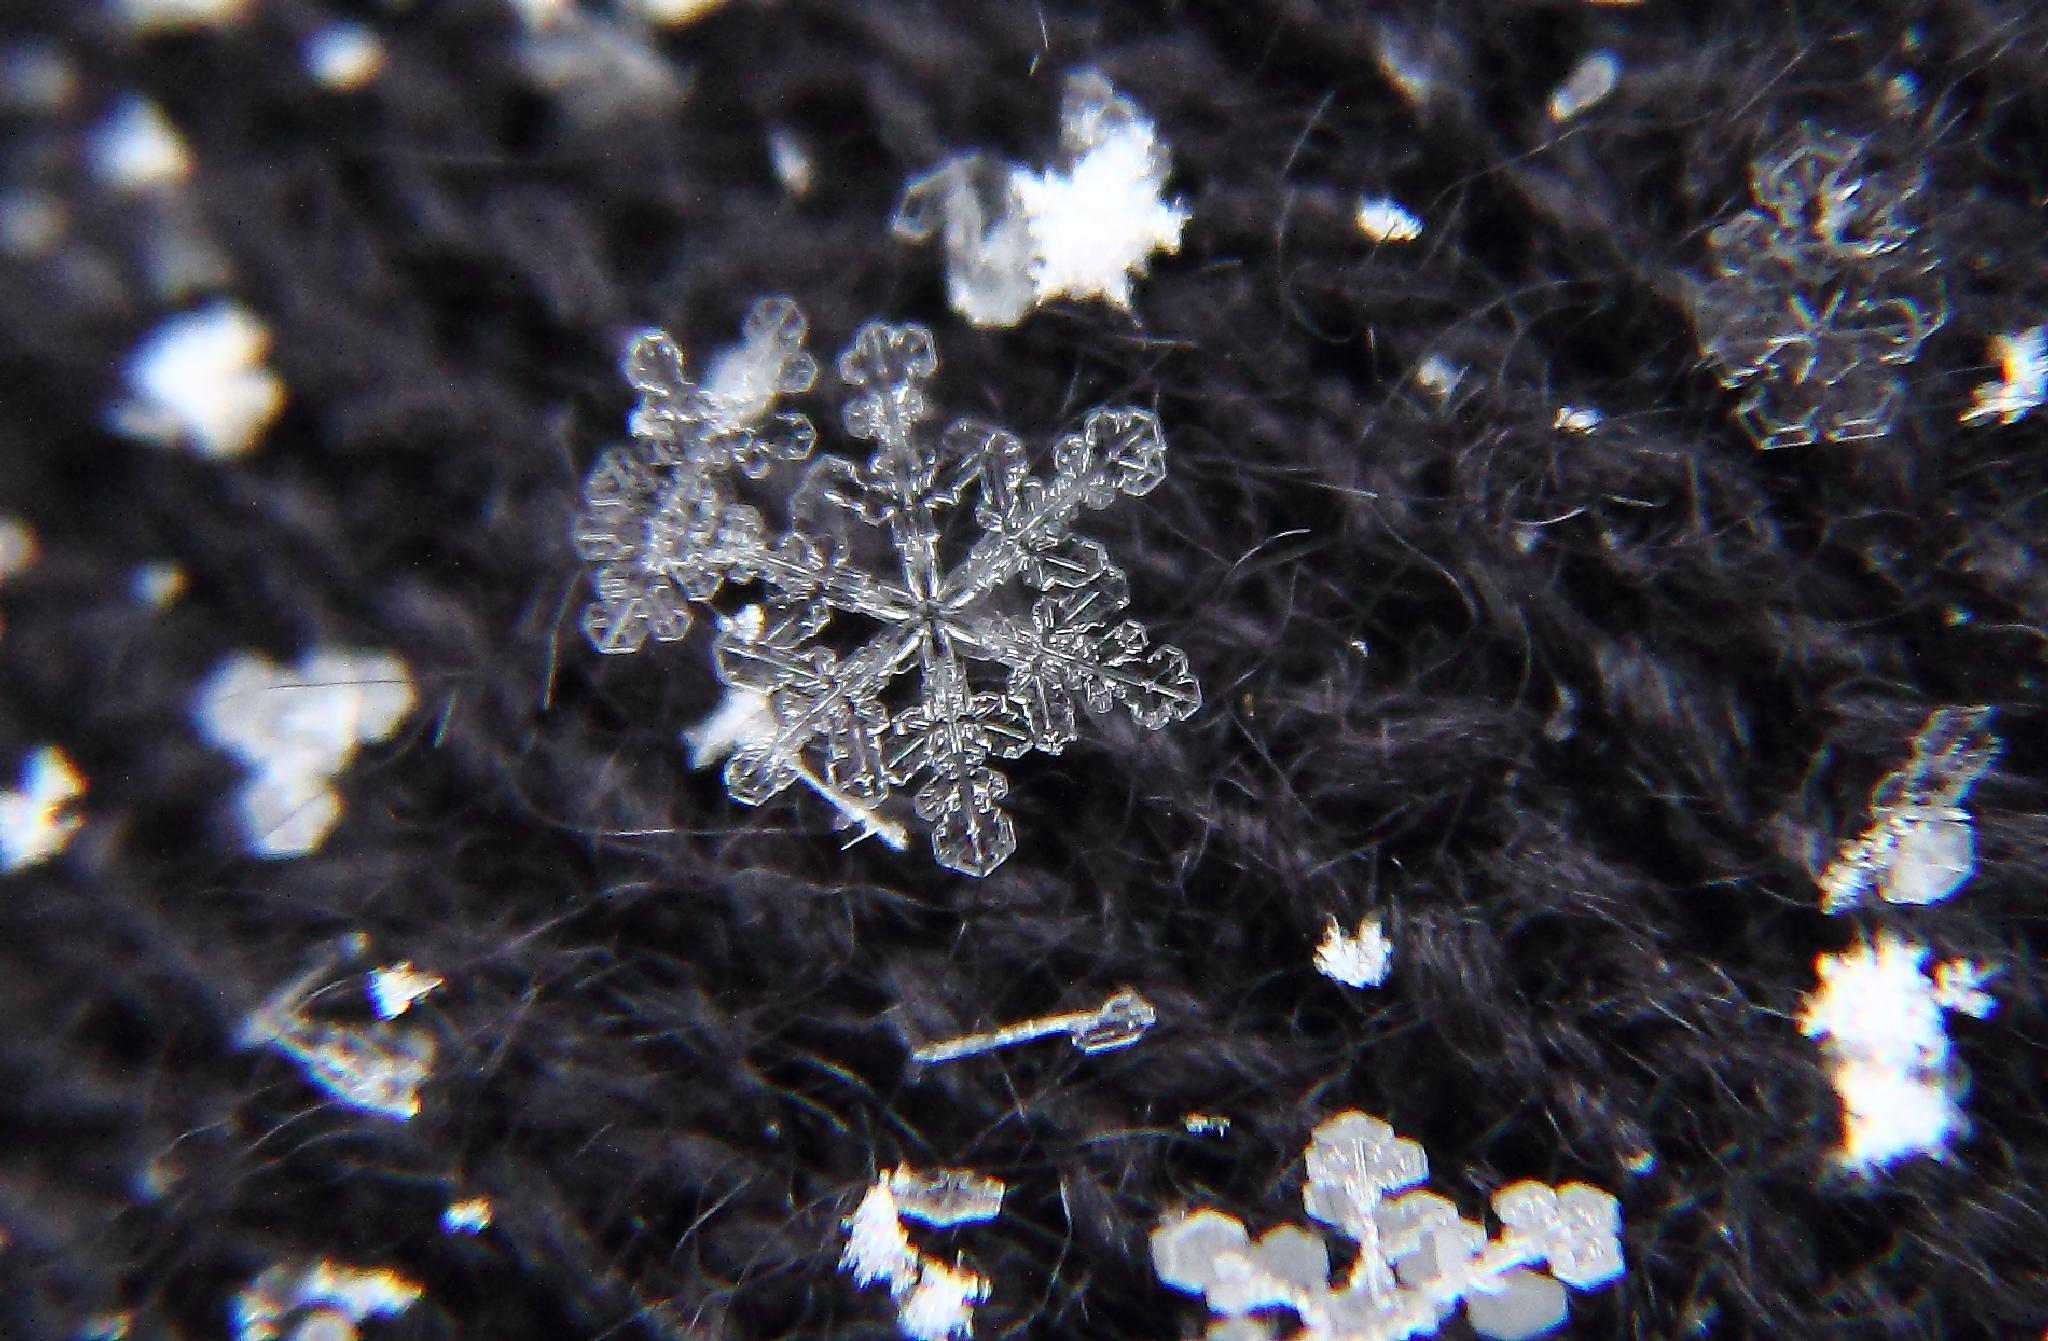 Snowflake 1 by michelle.vinnacombe